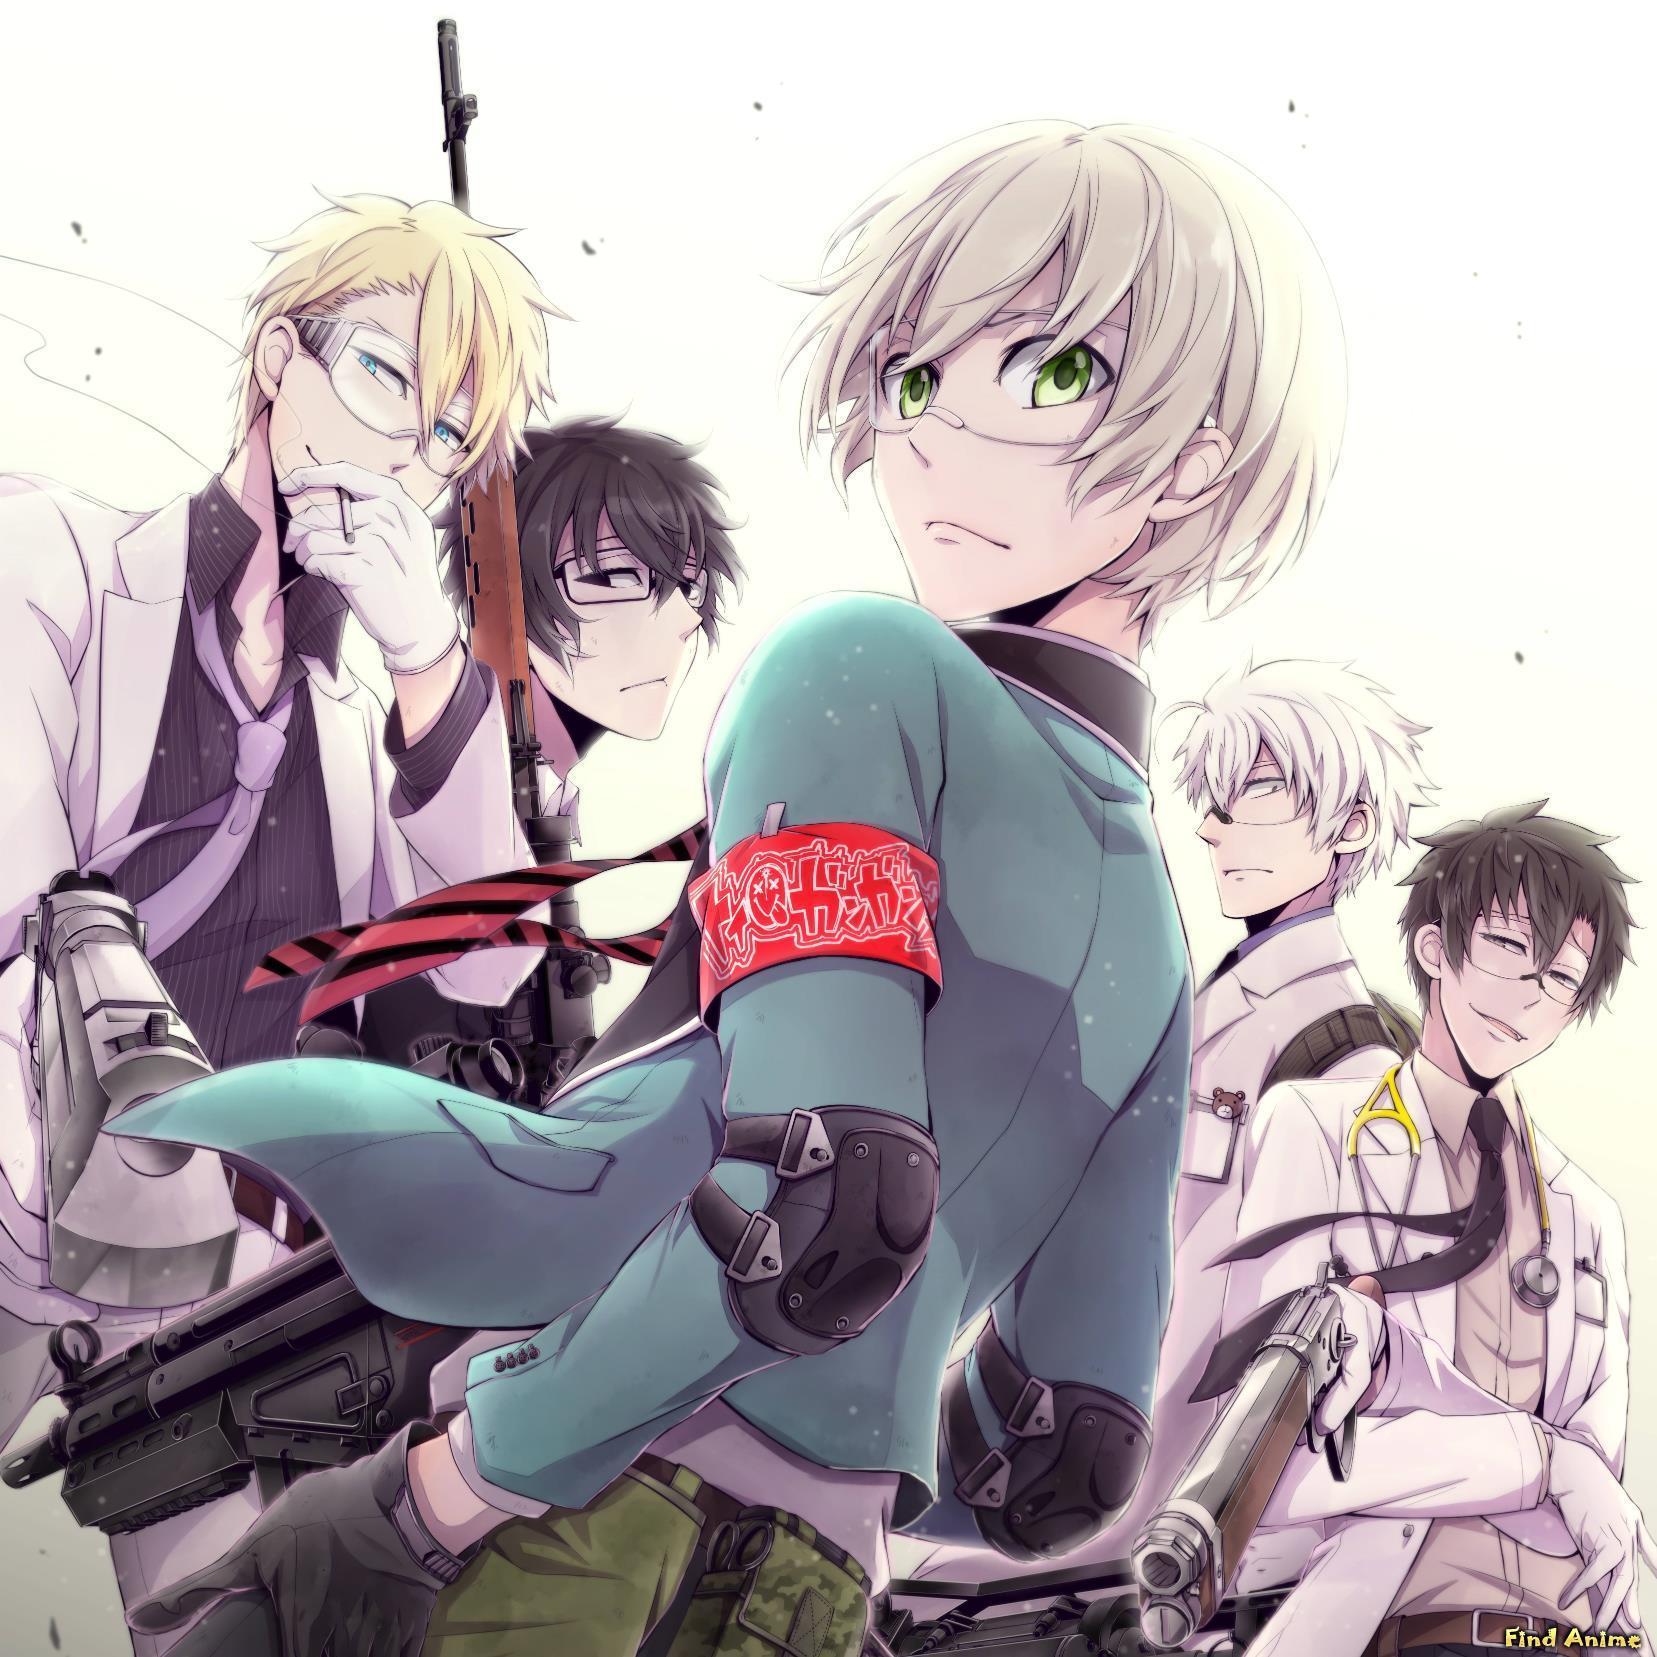 Aoharu-x-Kikanjuu-anime Daha fazla bilgi | Anime ve Manga haberleri | Oyun ve Teknoloji